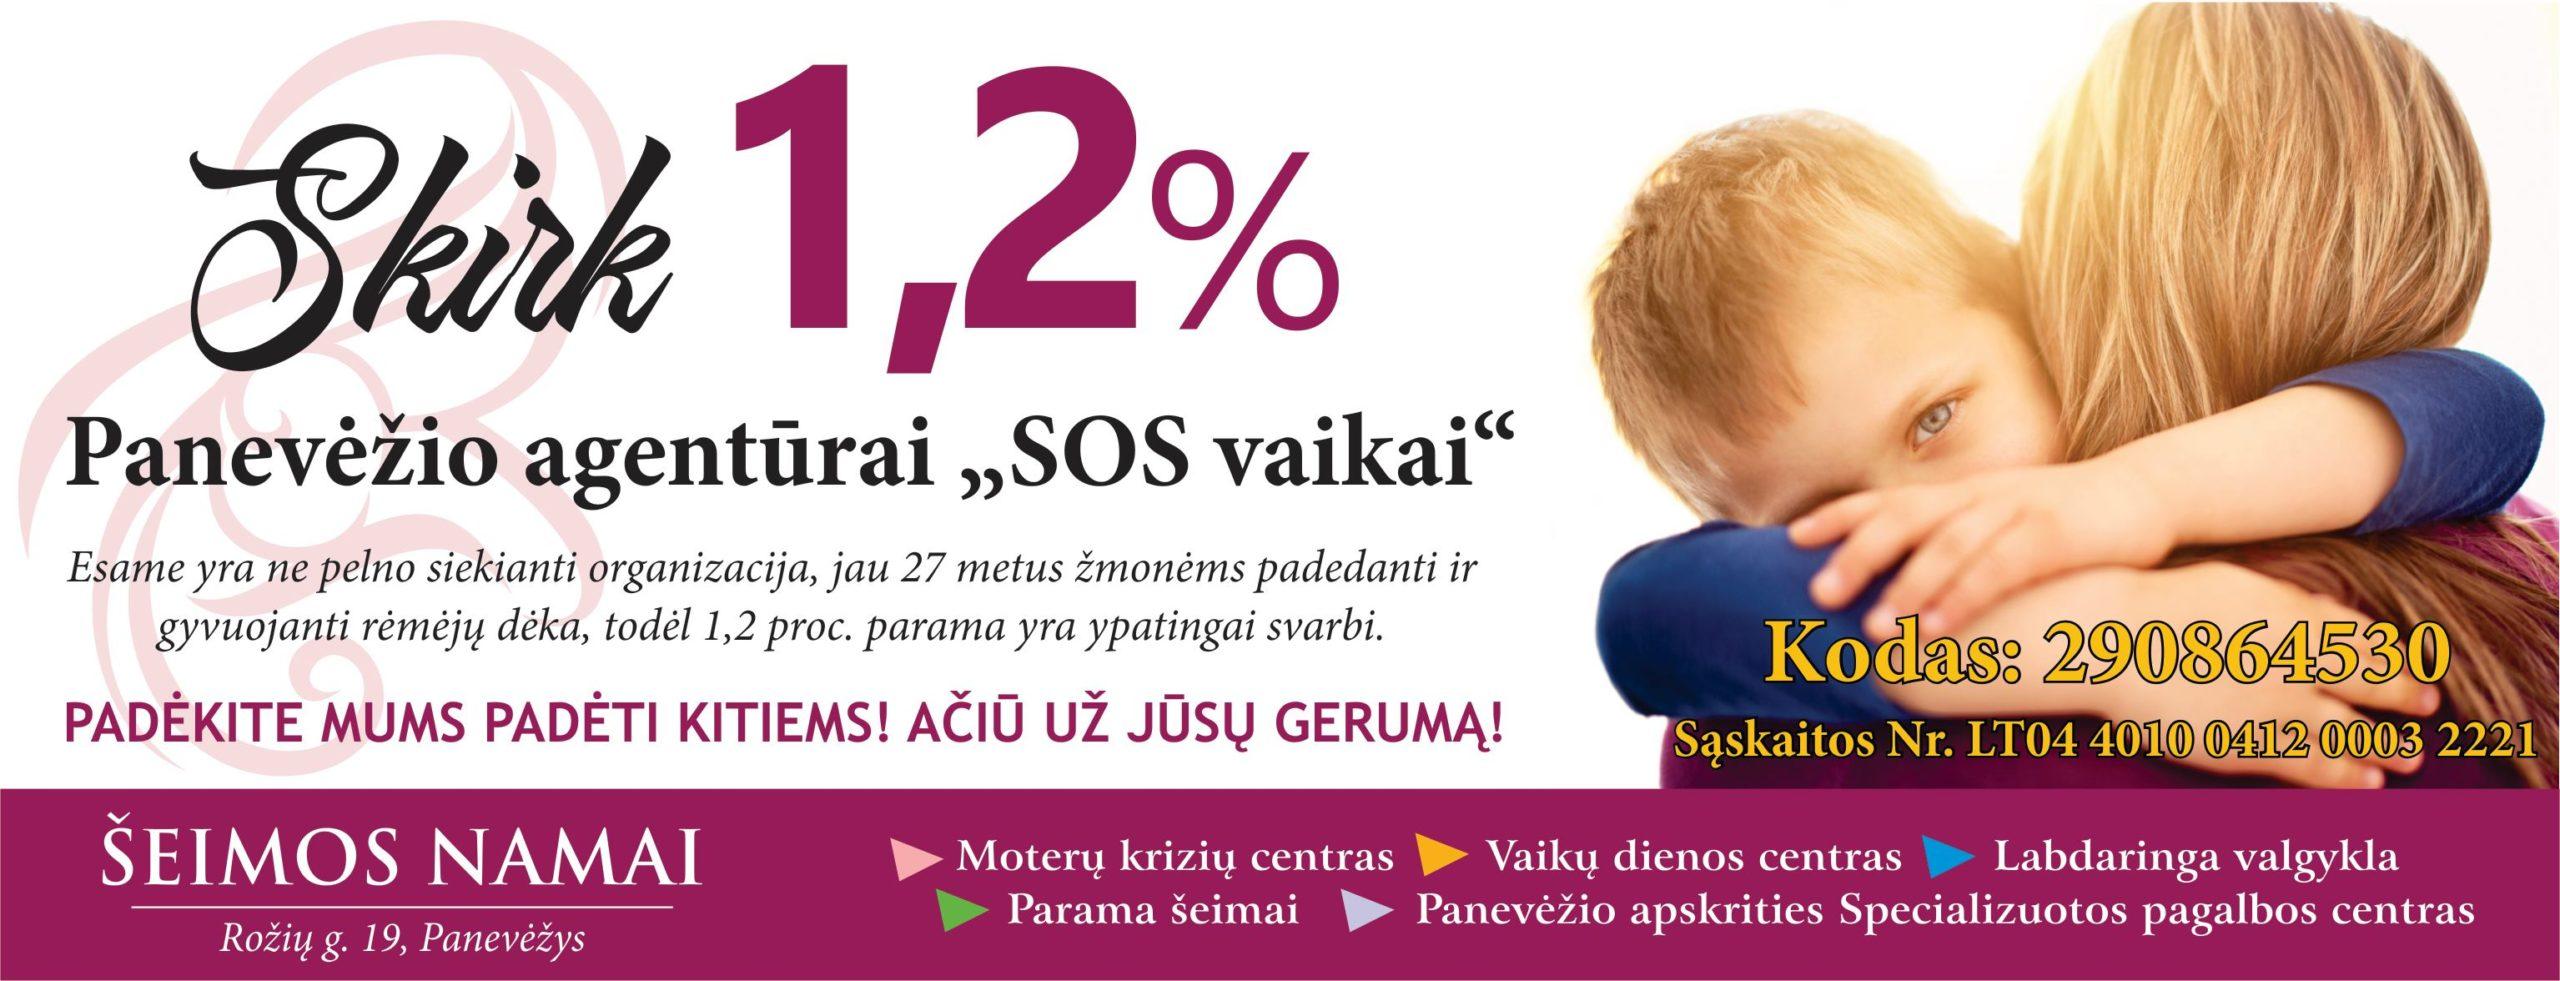 Parama SOS vaikai Panevėžiiui